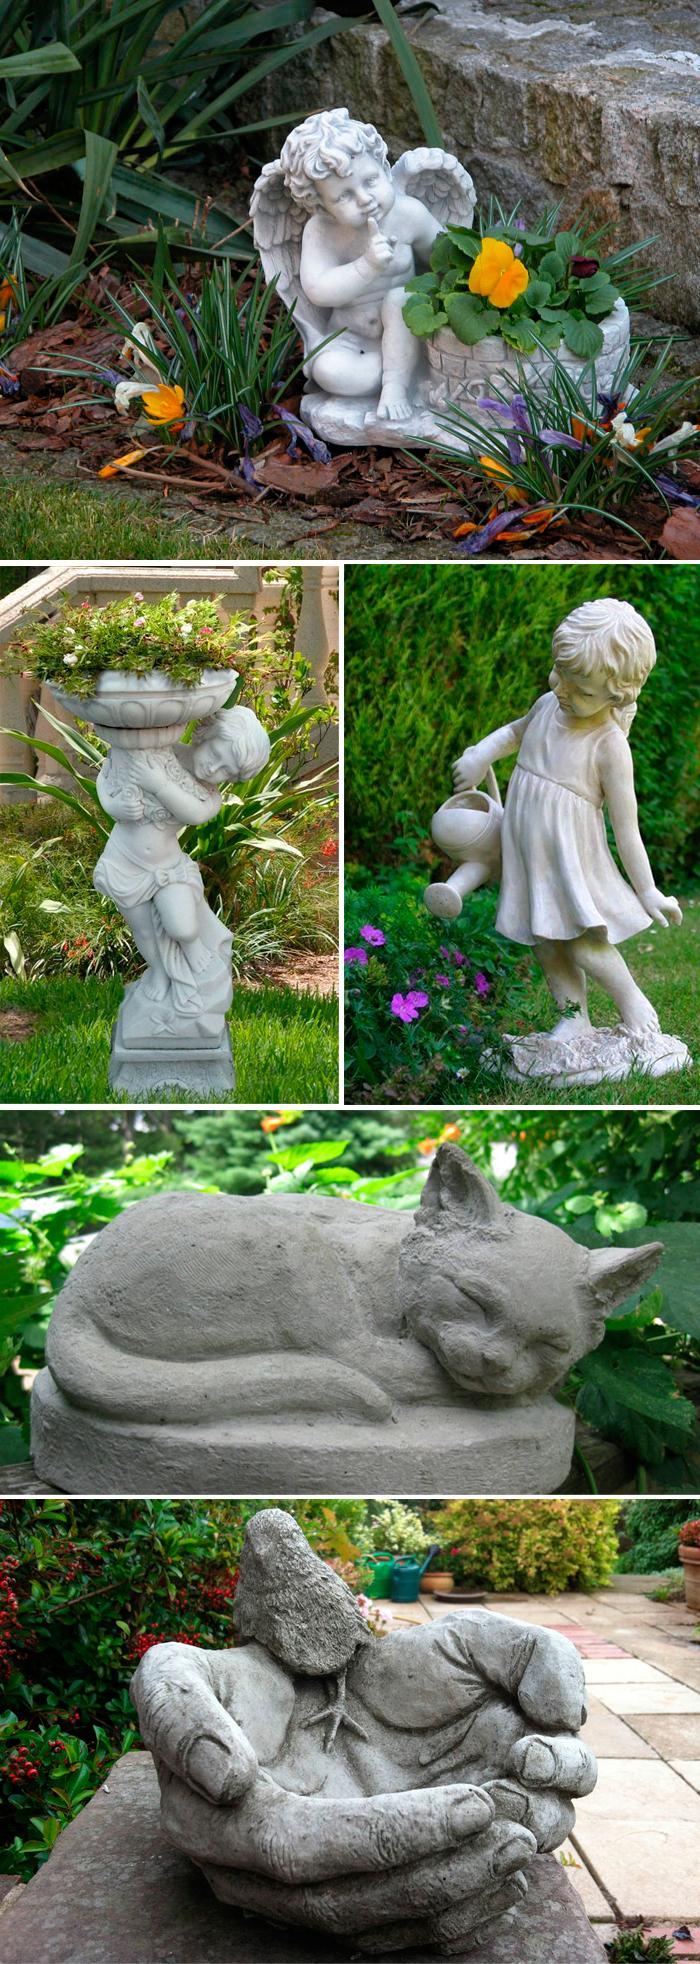 Скульптуры из бетона (фигуры) технология изготовления своими руками | все о бетоне